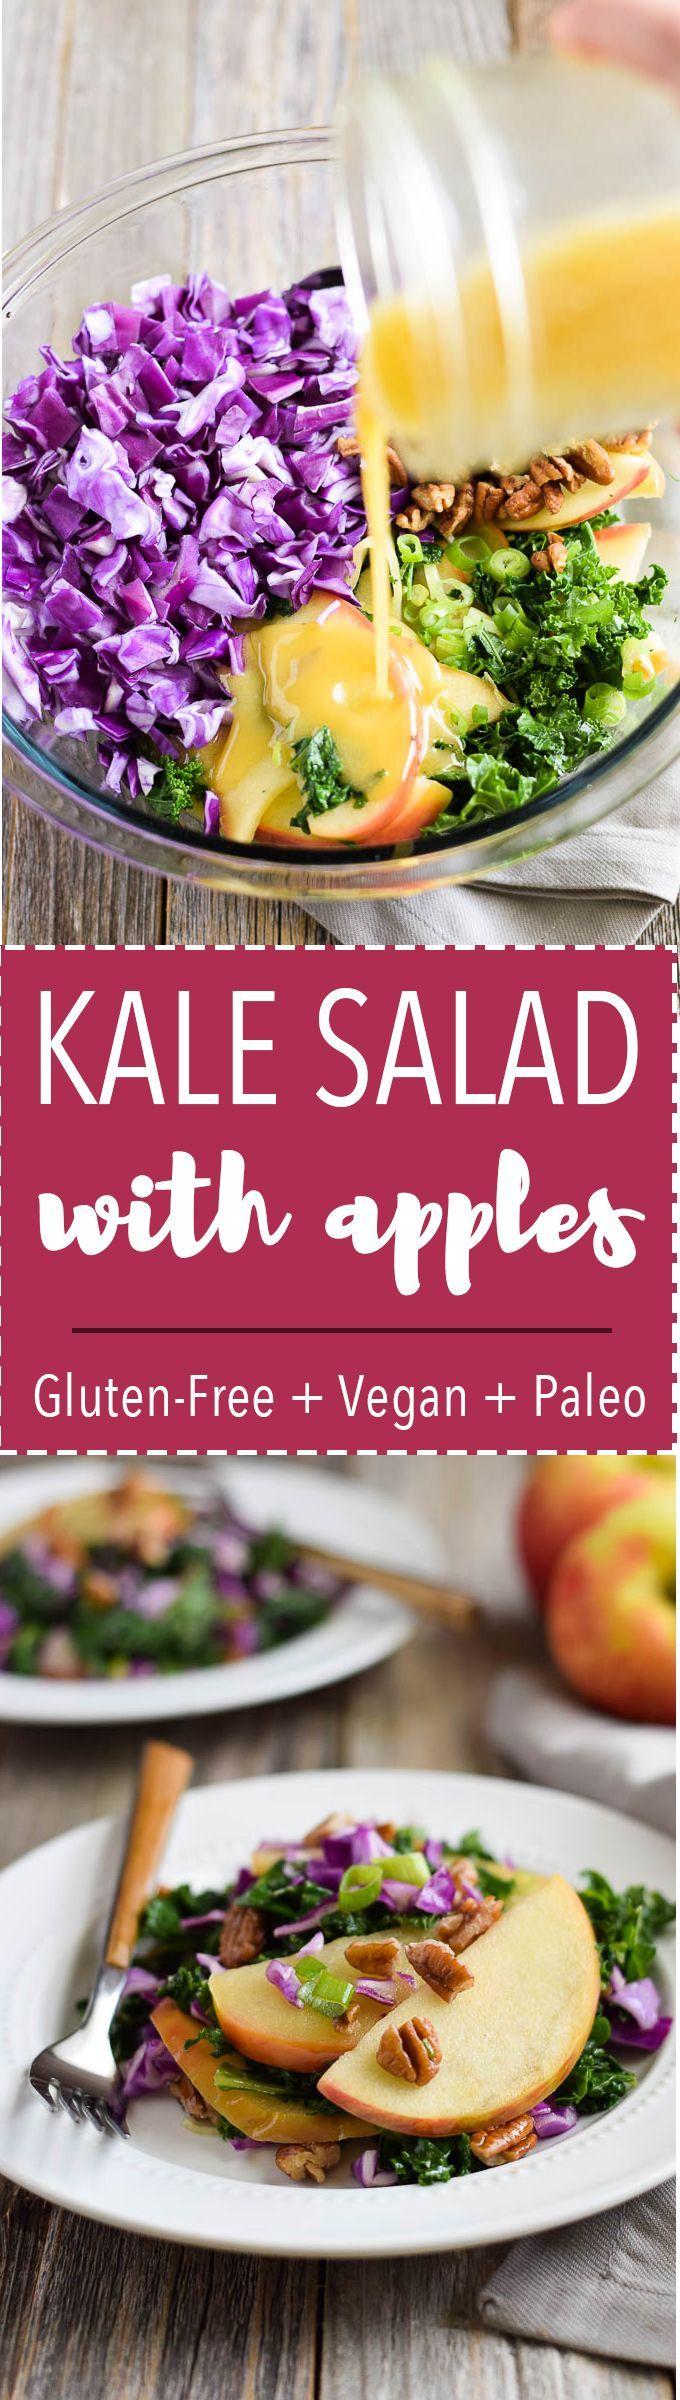 Crunchy Kale Apple Salad is gluten free, vegan + paleo! Made with Honeycrisp apples, pecans + apple cider vinaigrette.